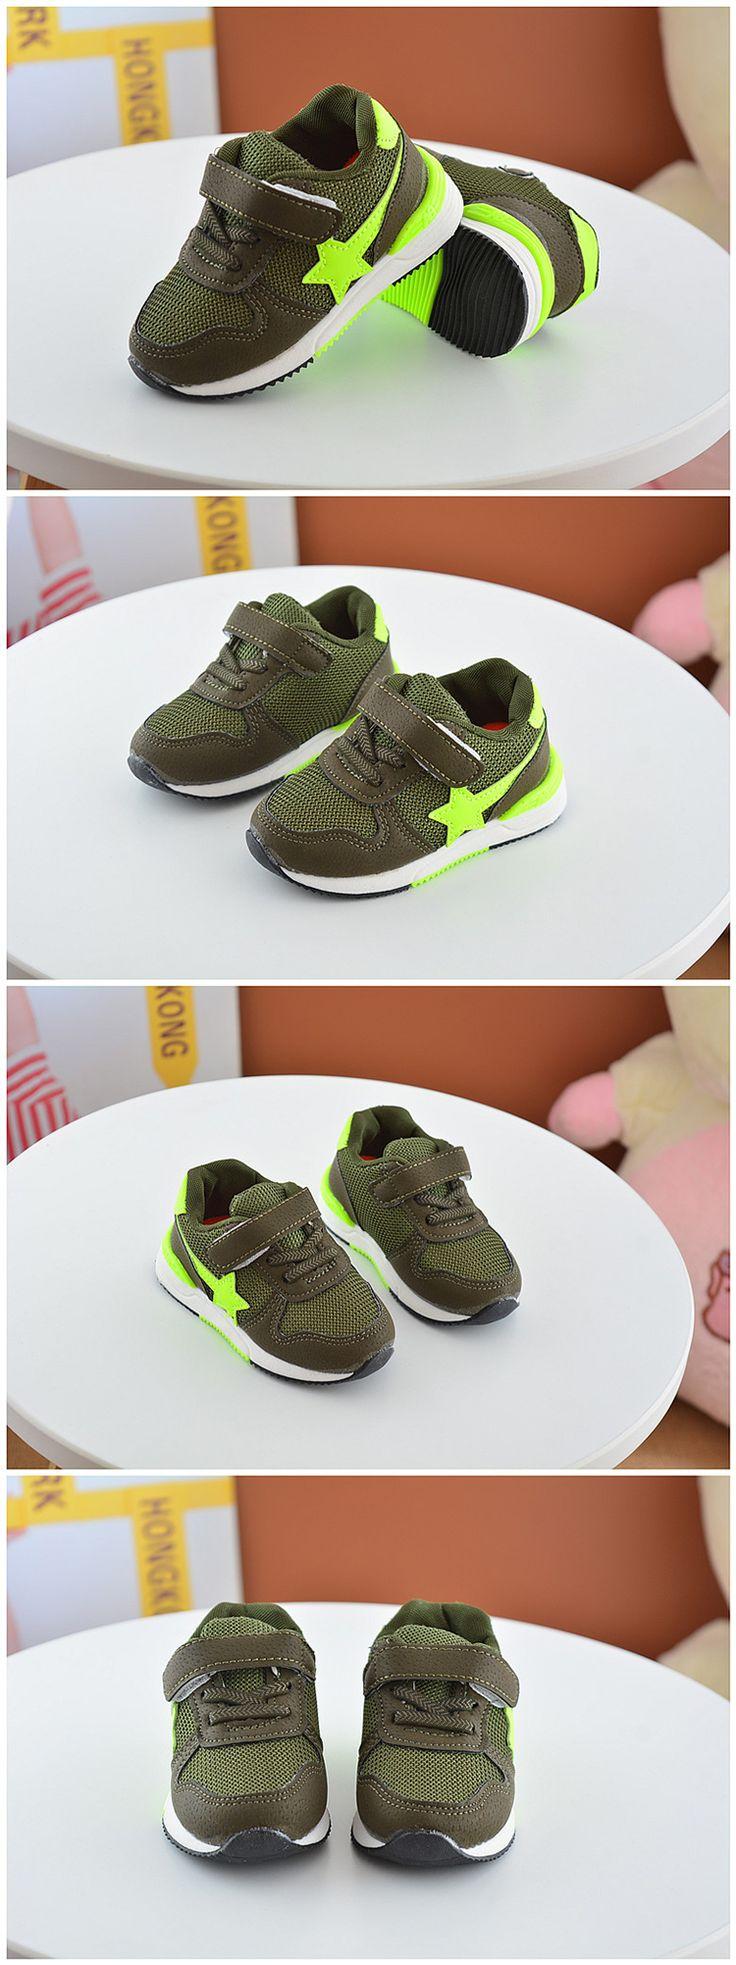 1-3 лет детская спортивная обувь женщины мягкое дно малыша обувь весной и осенью ребенок мальчик обувь принцесса обувь детская обувь 2 - Taobao